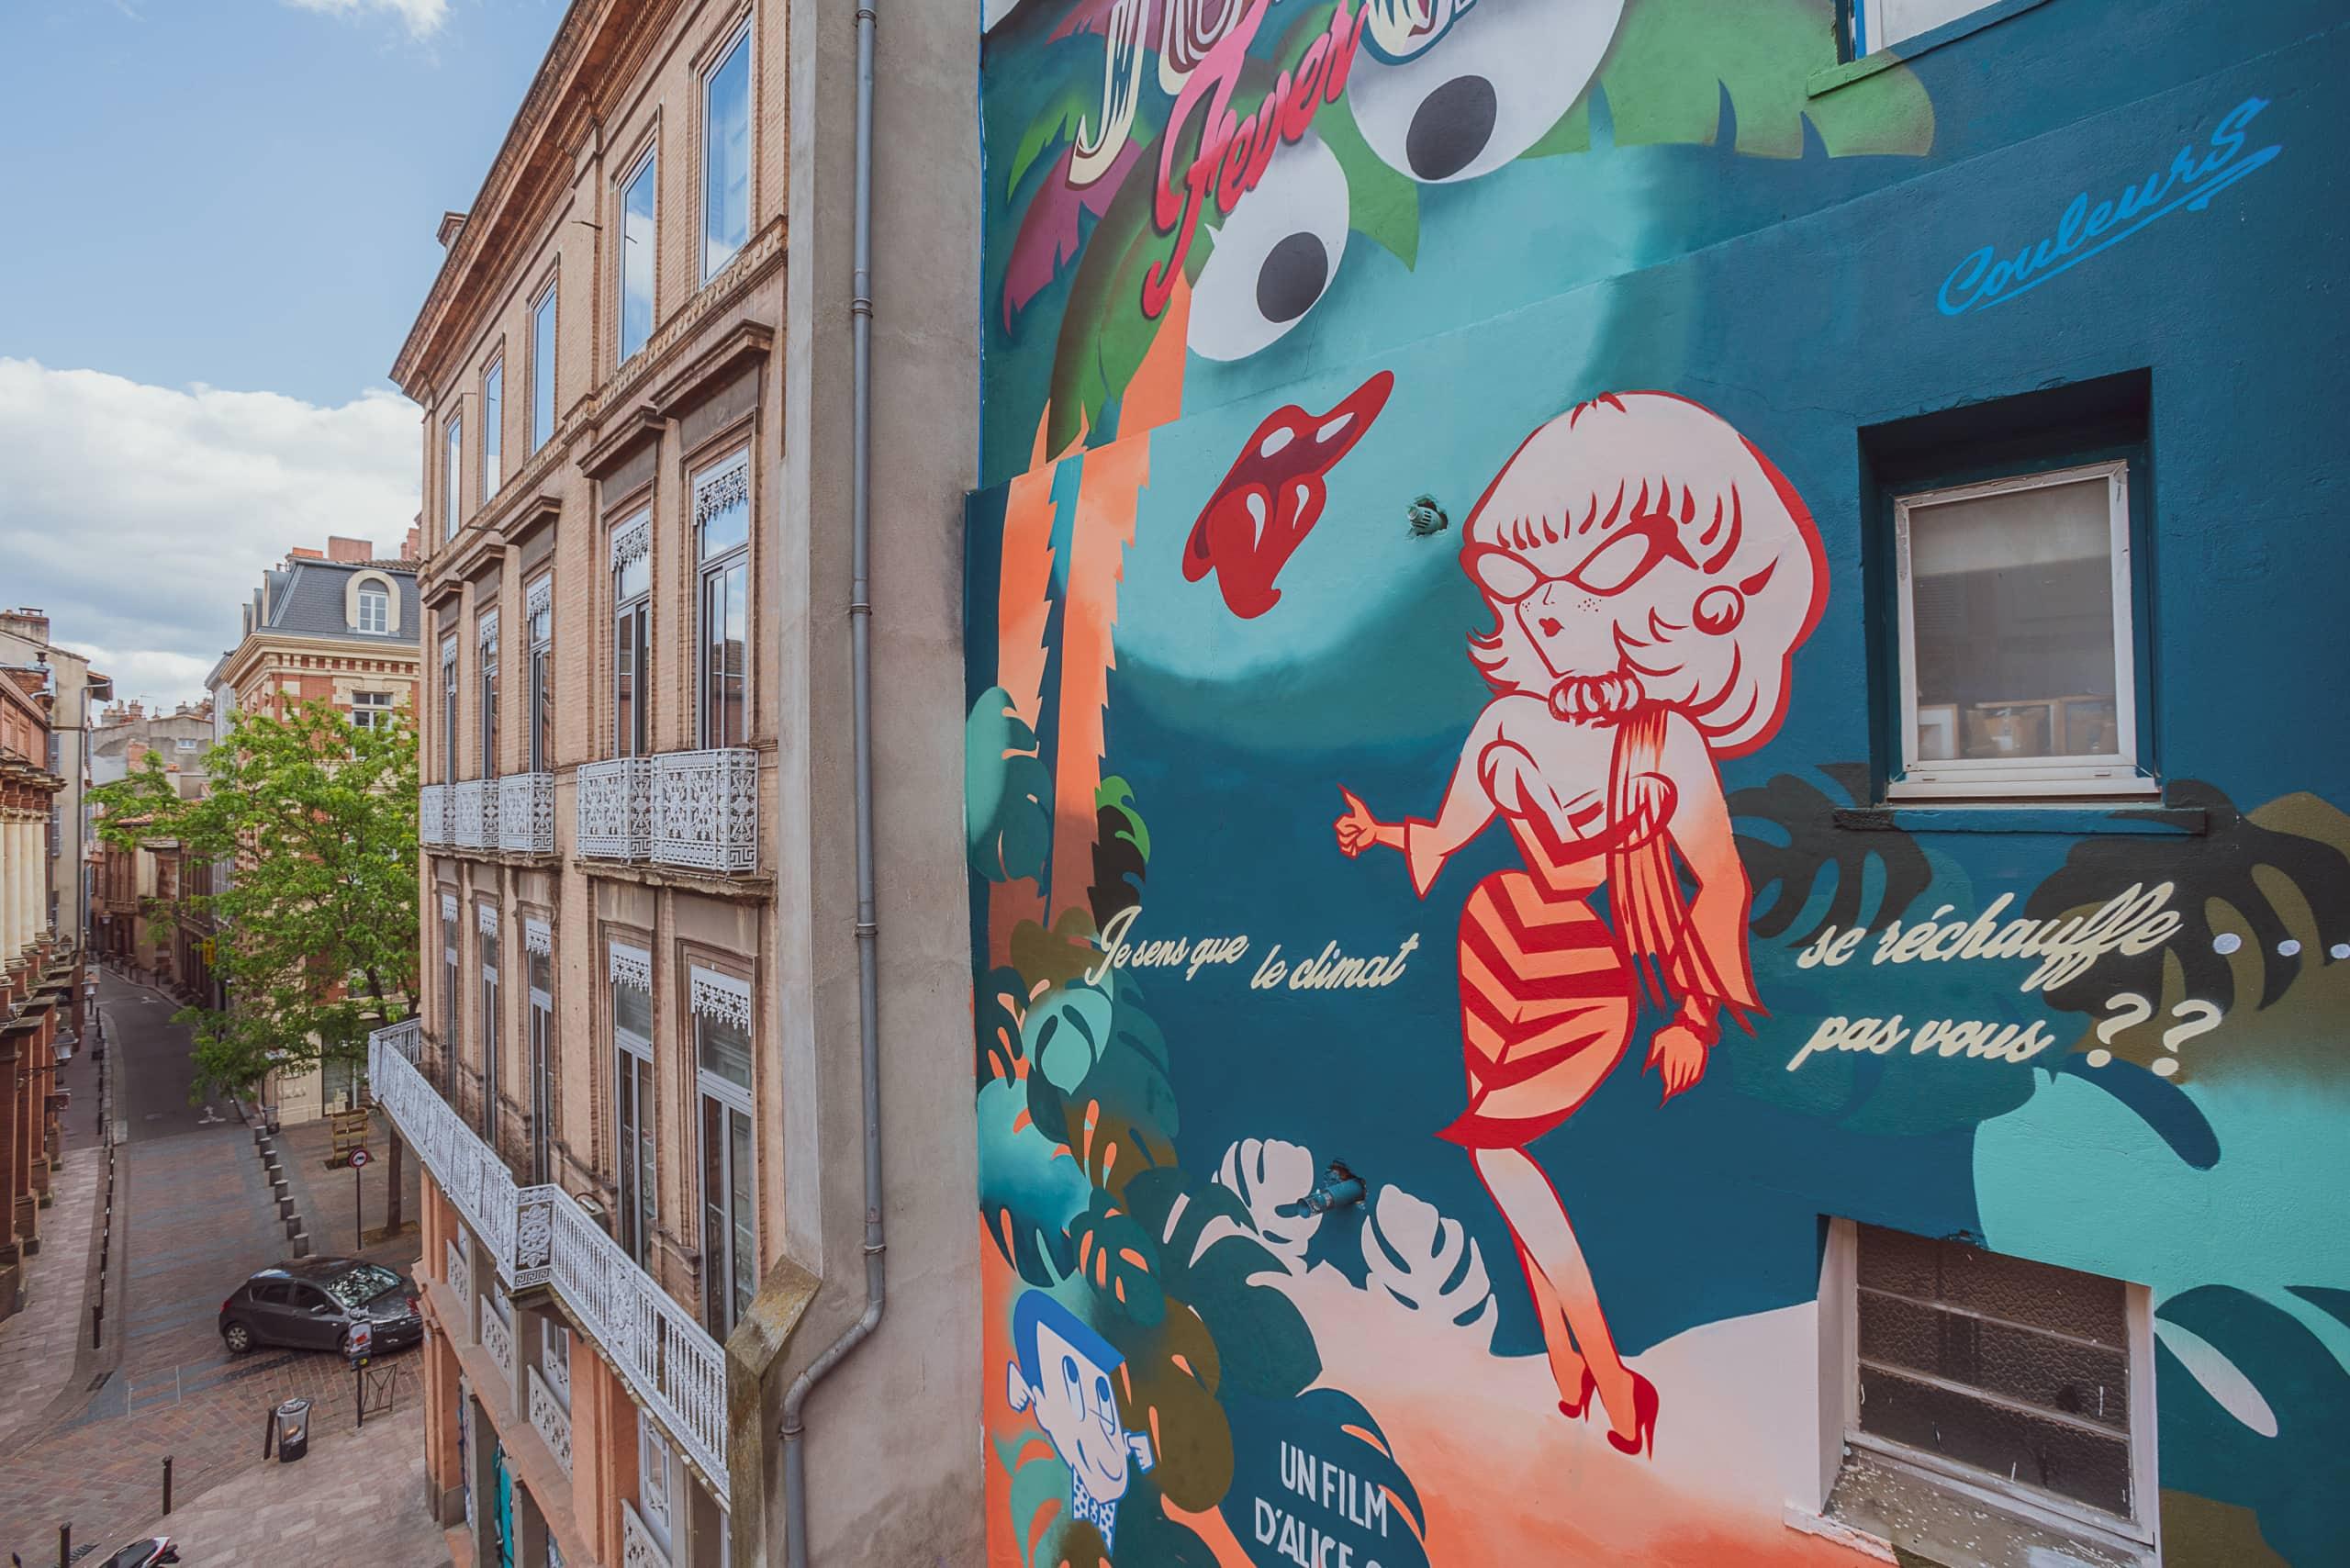 Straßenkunst in Toulouse der weiblichen Künstlerin Mlle Kat